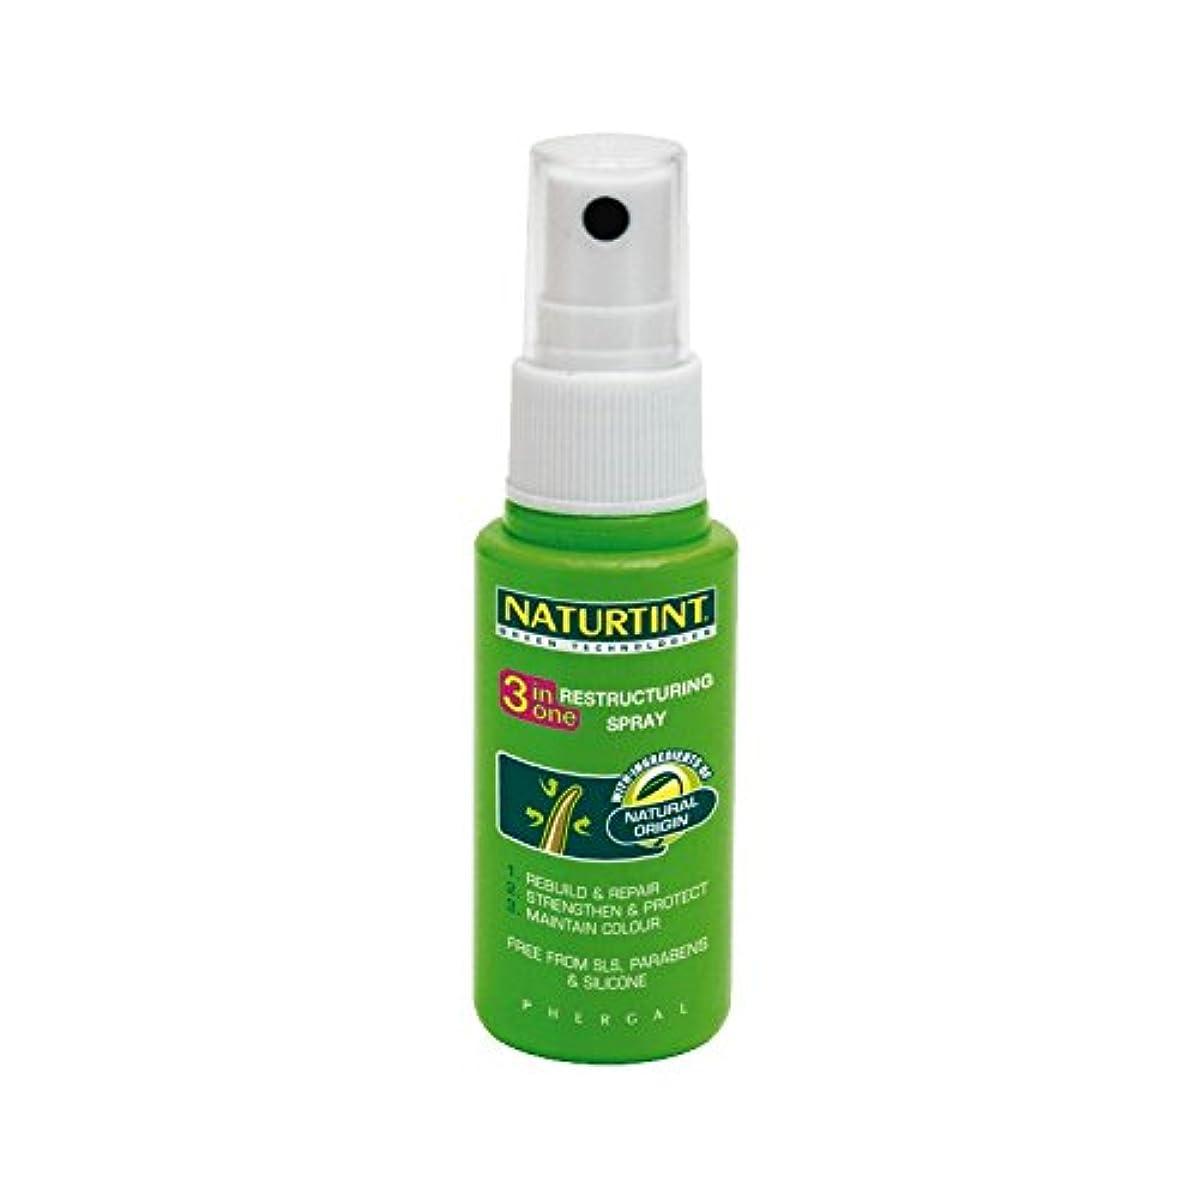 失態匿名ビーズNaturtint 3 in 1 Restructuring Spray (Pack of 2) - 1リストラスプレーでNaturtint 3 (x2) [並行輸入品]